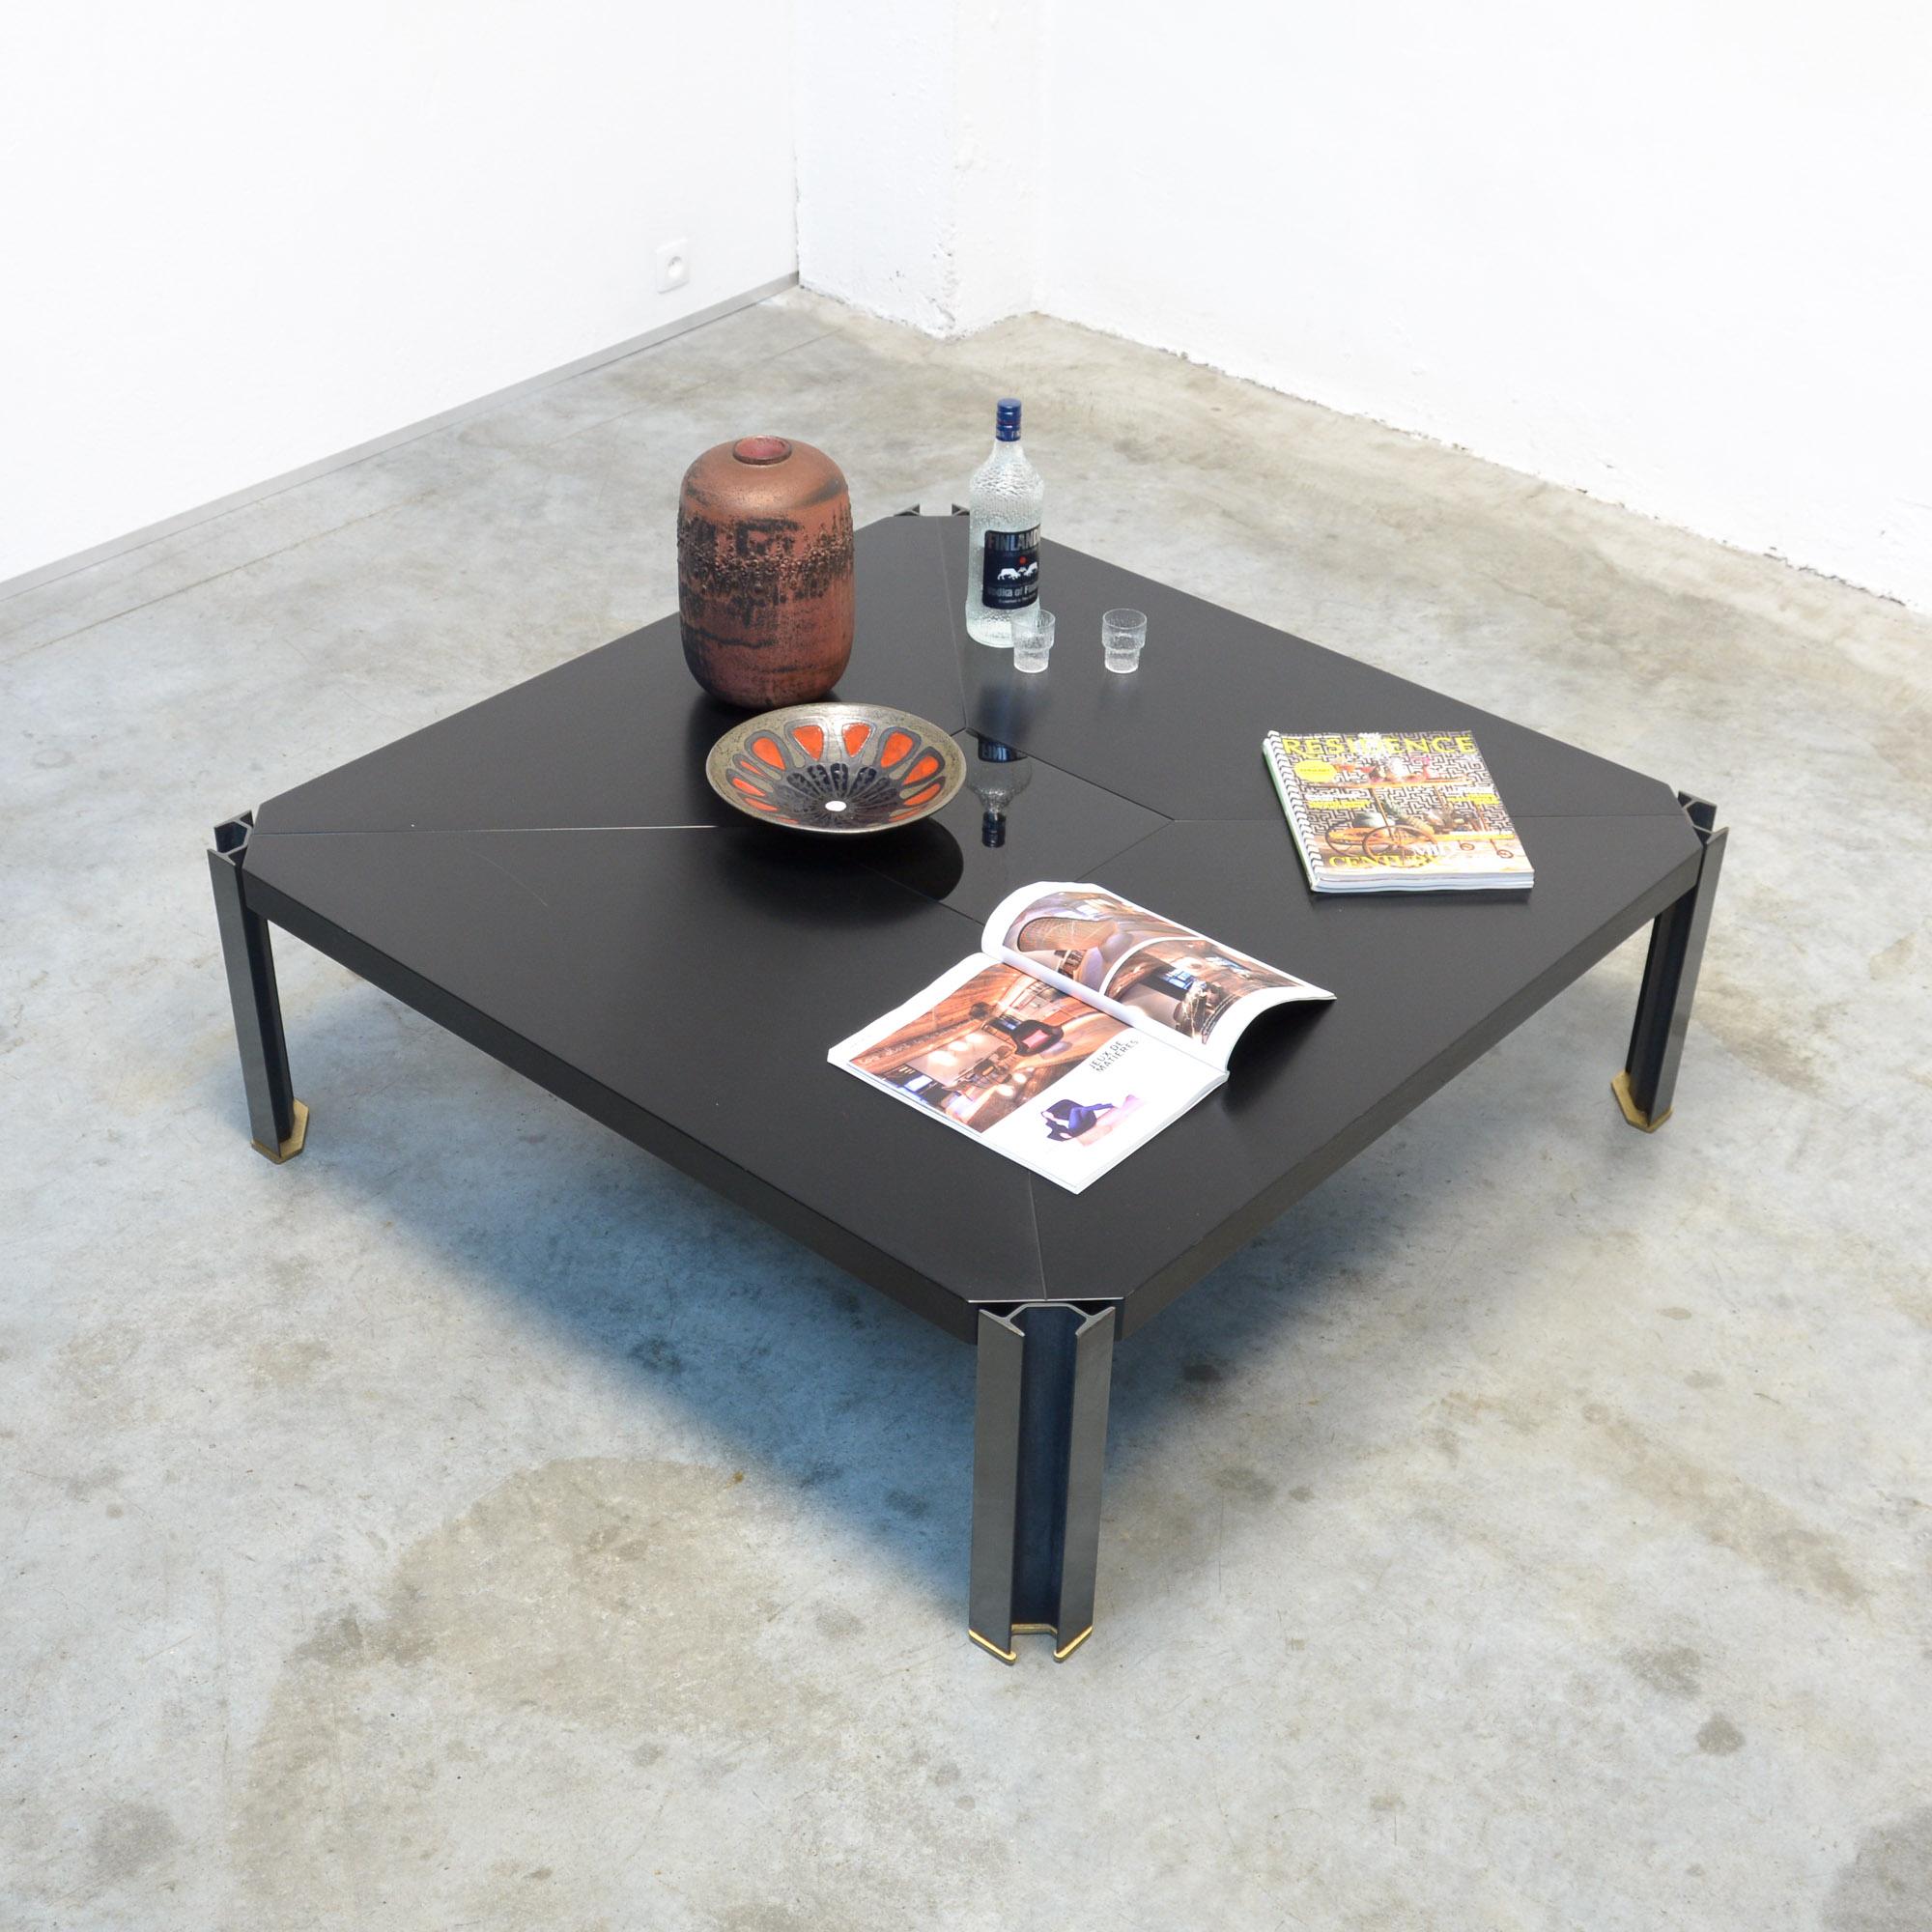 Tecno large coffee table-8508